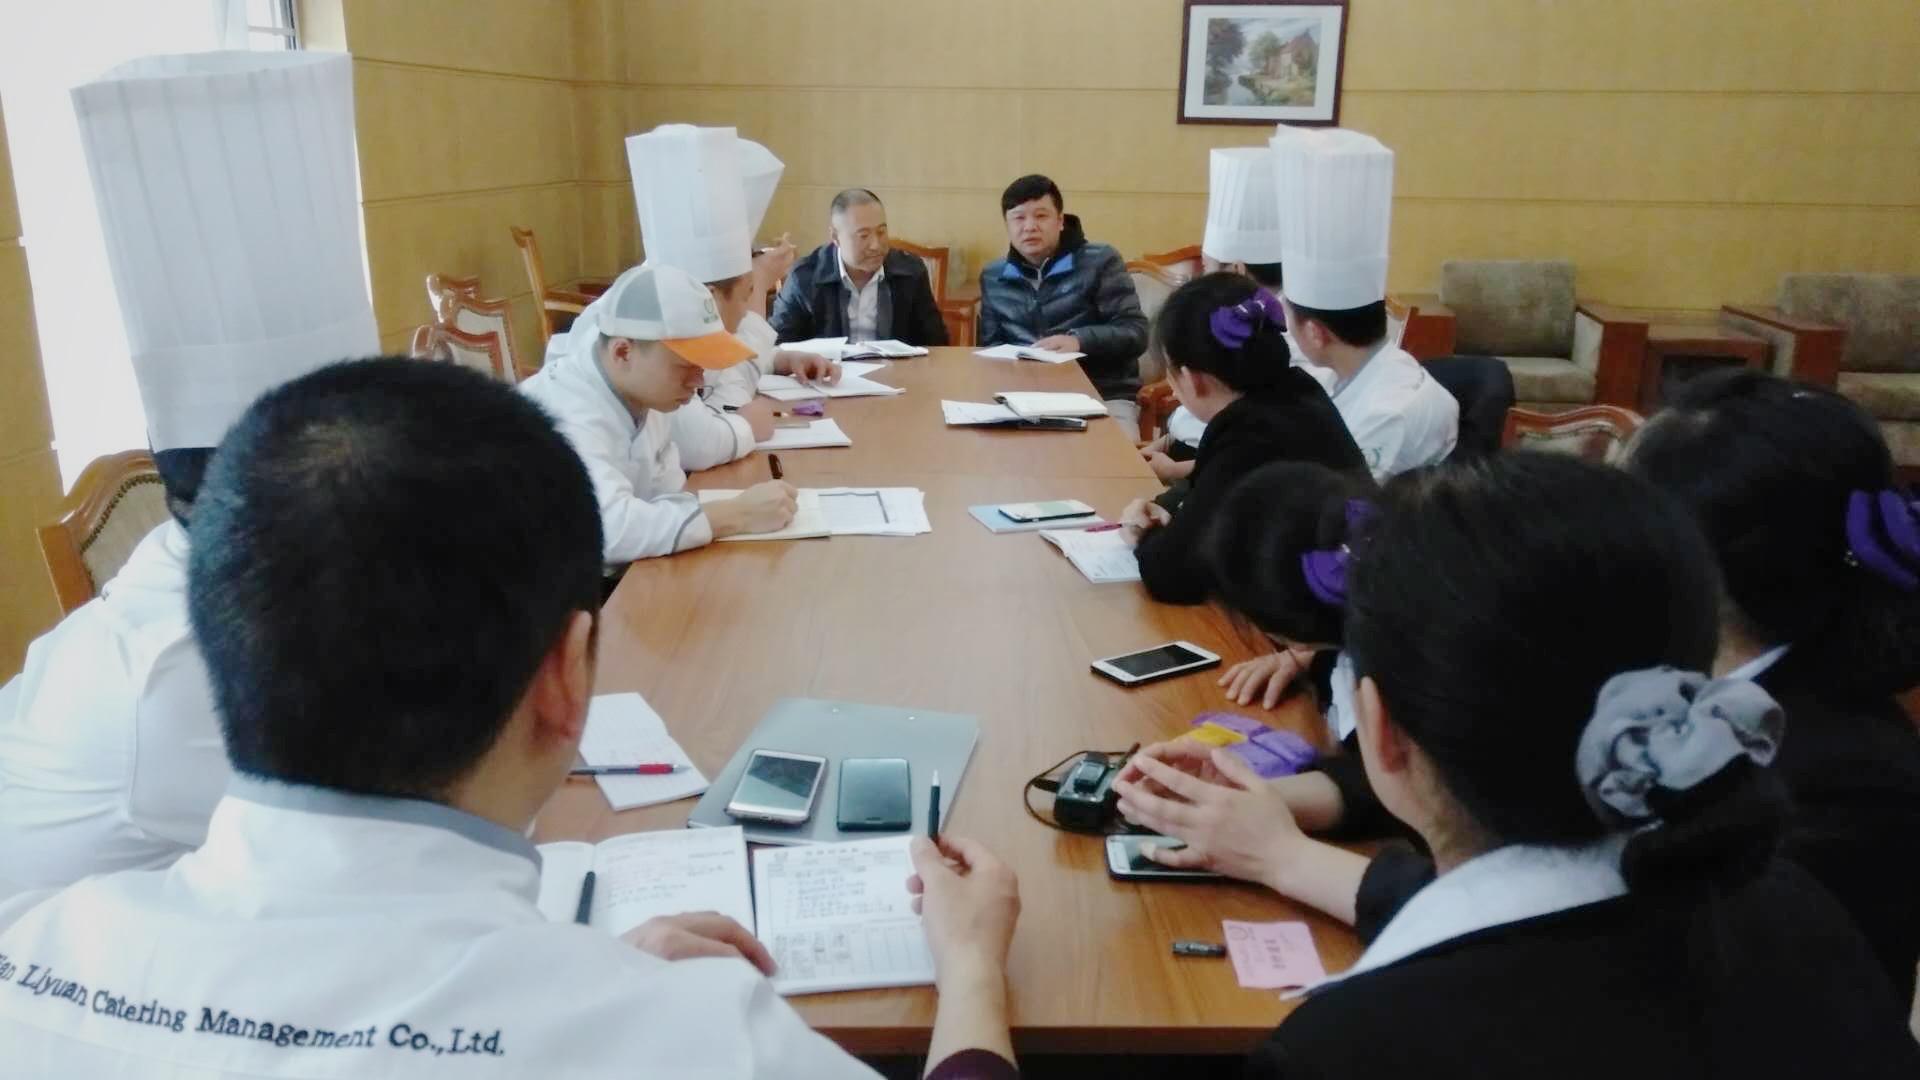 甲方领导和餐厅人员开会讨论接待方案